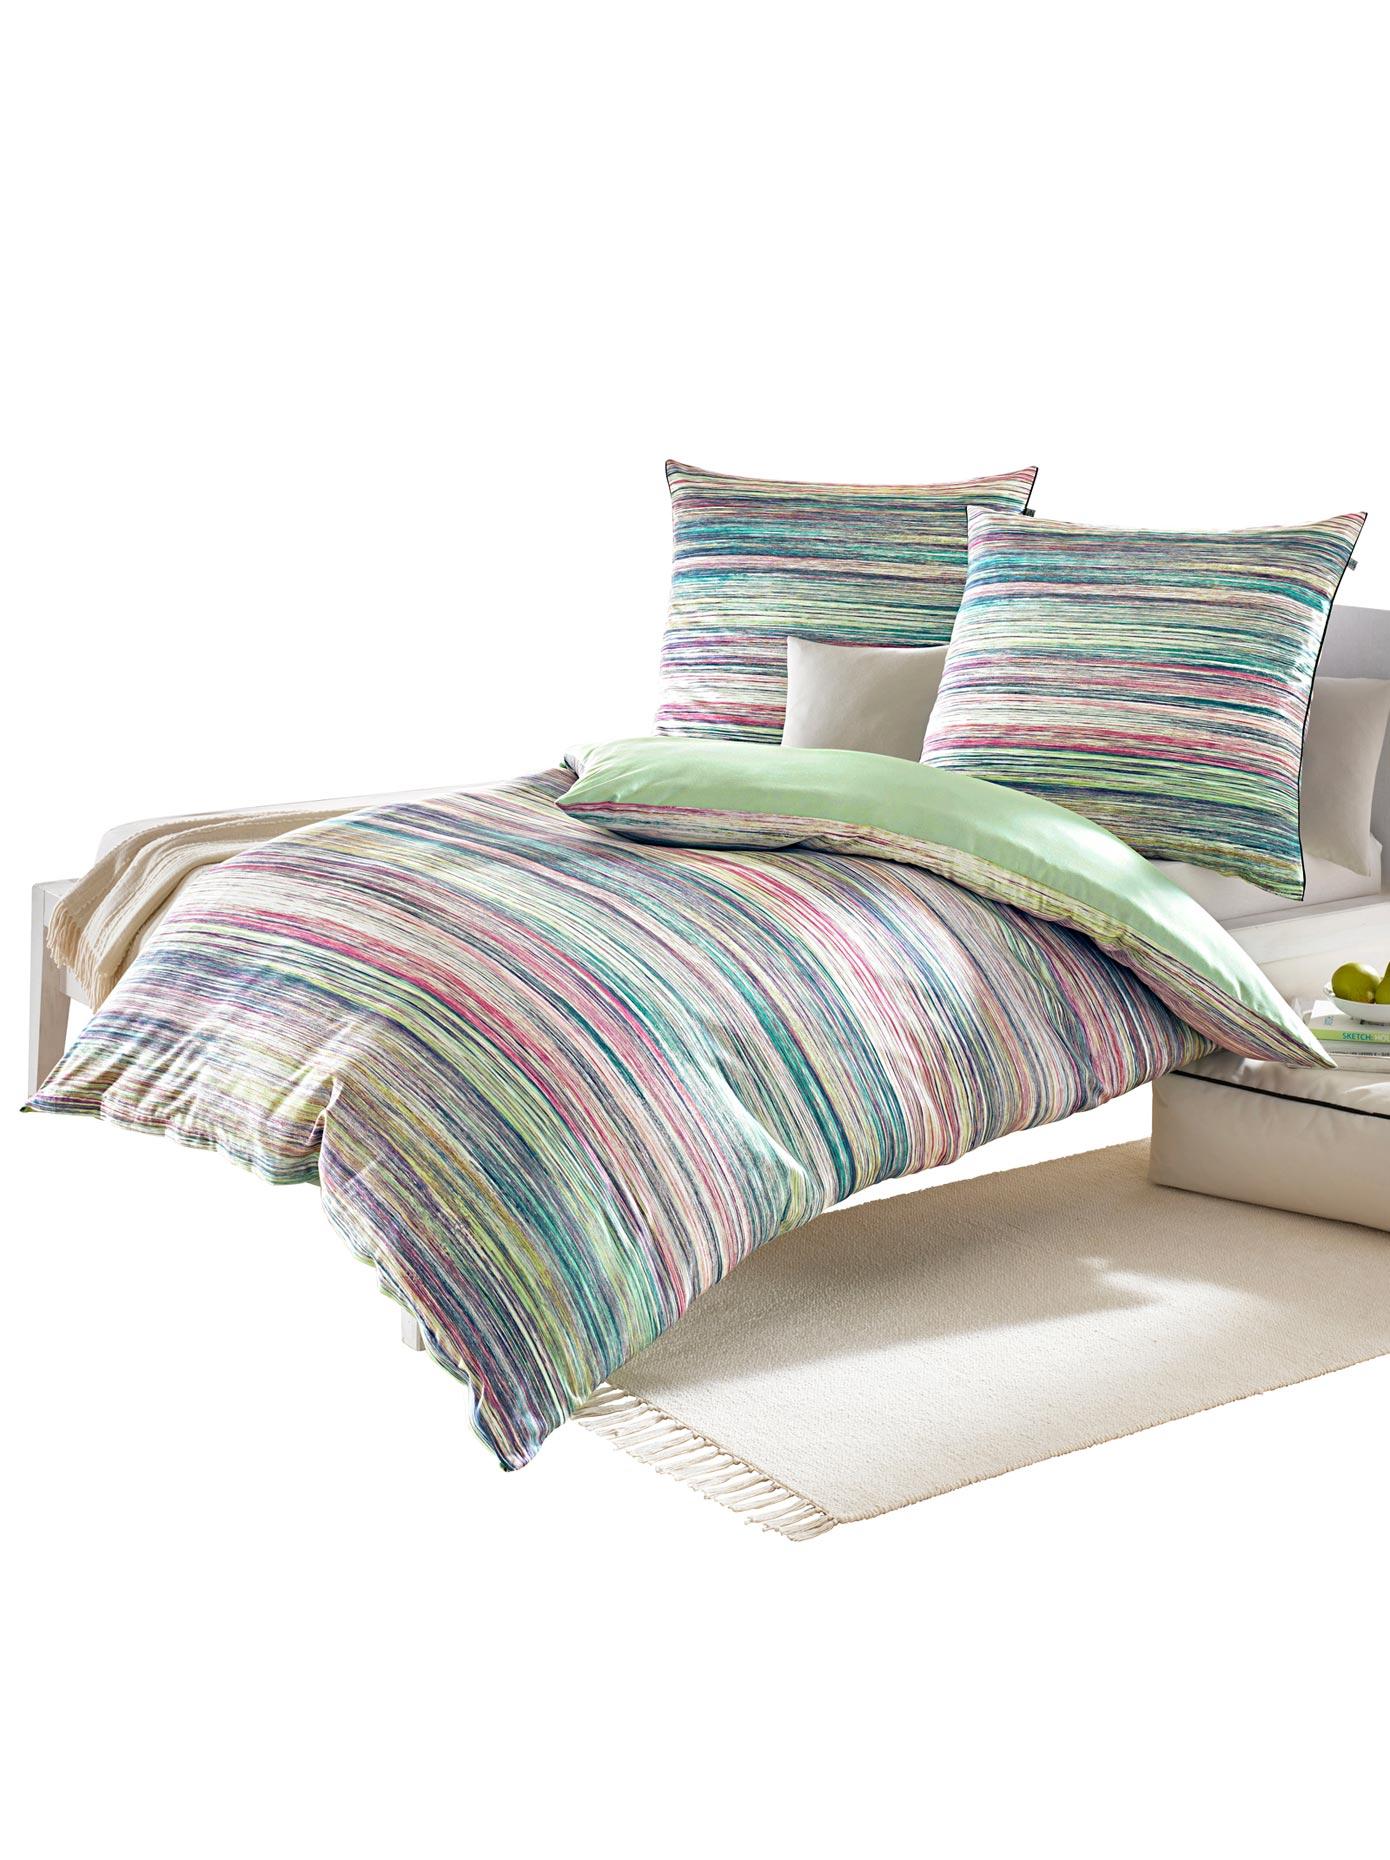 irisette bettw sche 2tlg auf rechnung baur. Black Bedroom Furniture Sets. Home Design Ideas